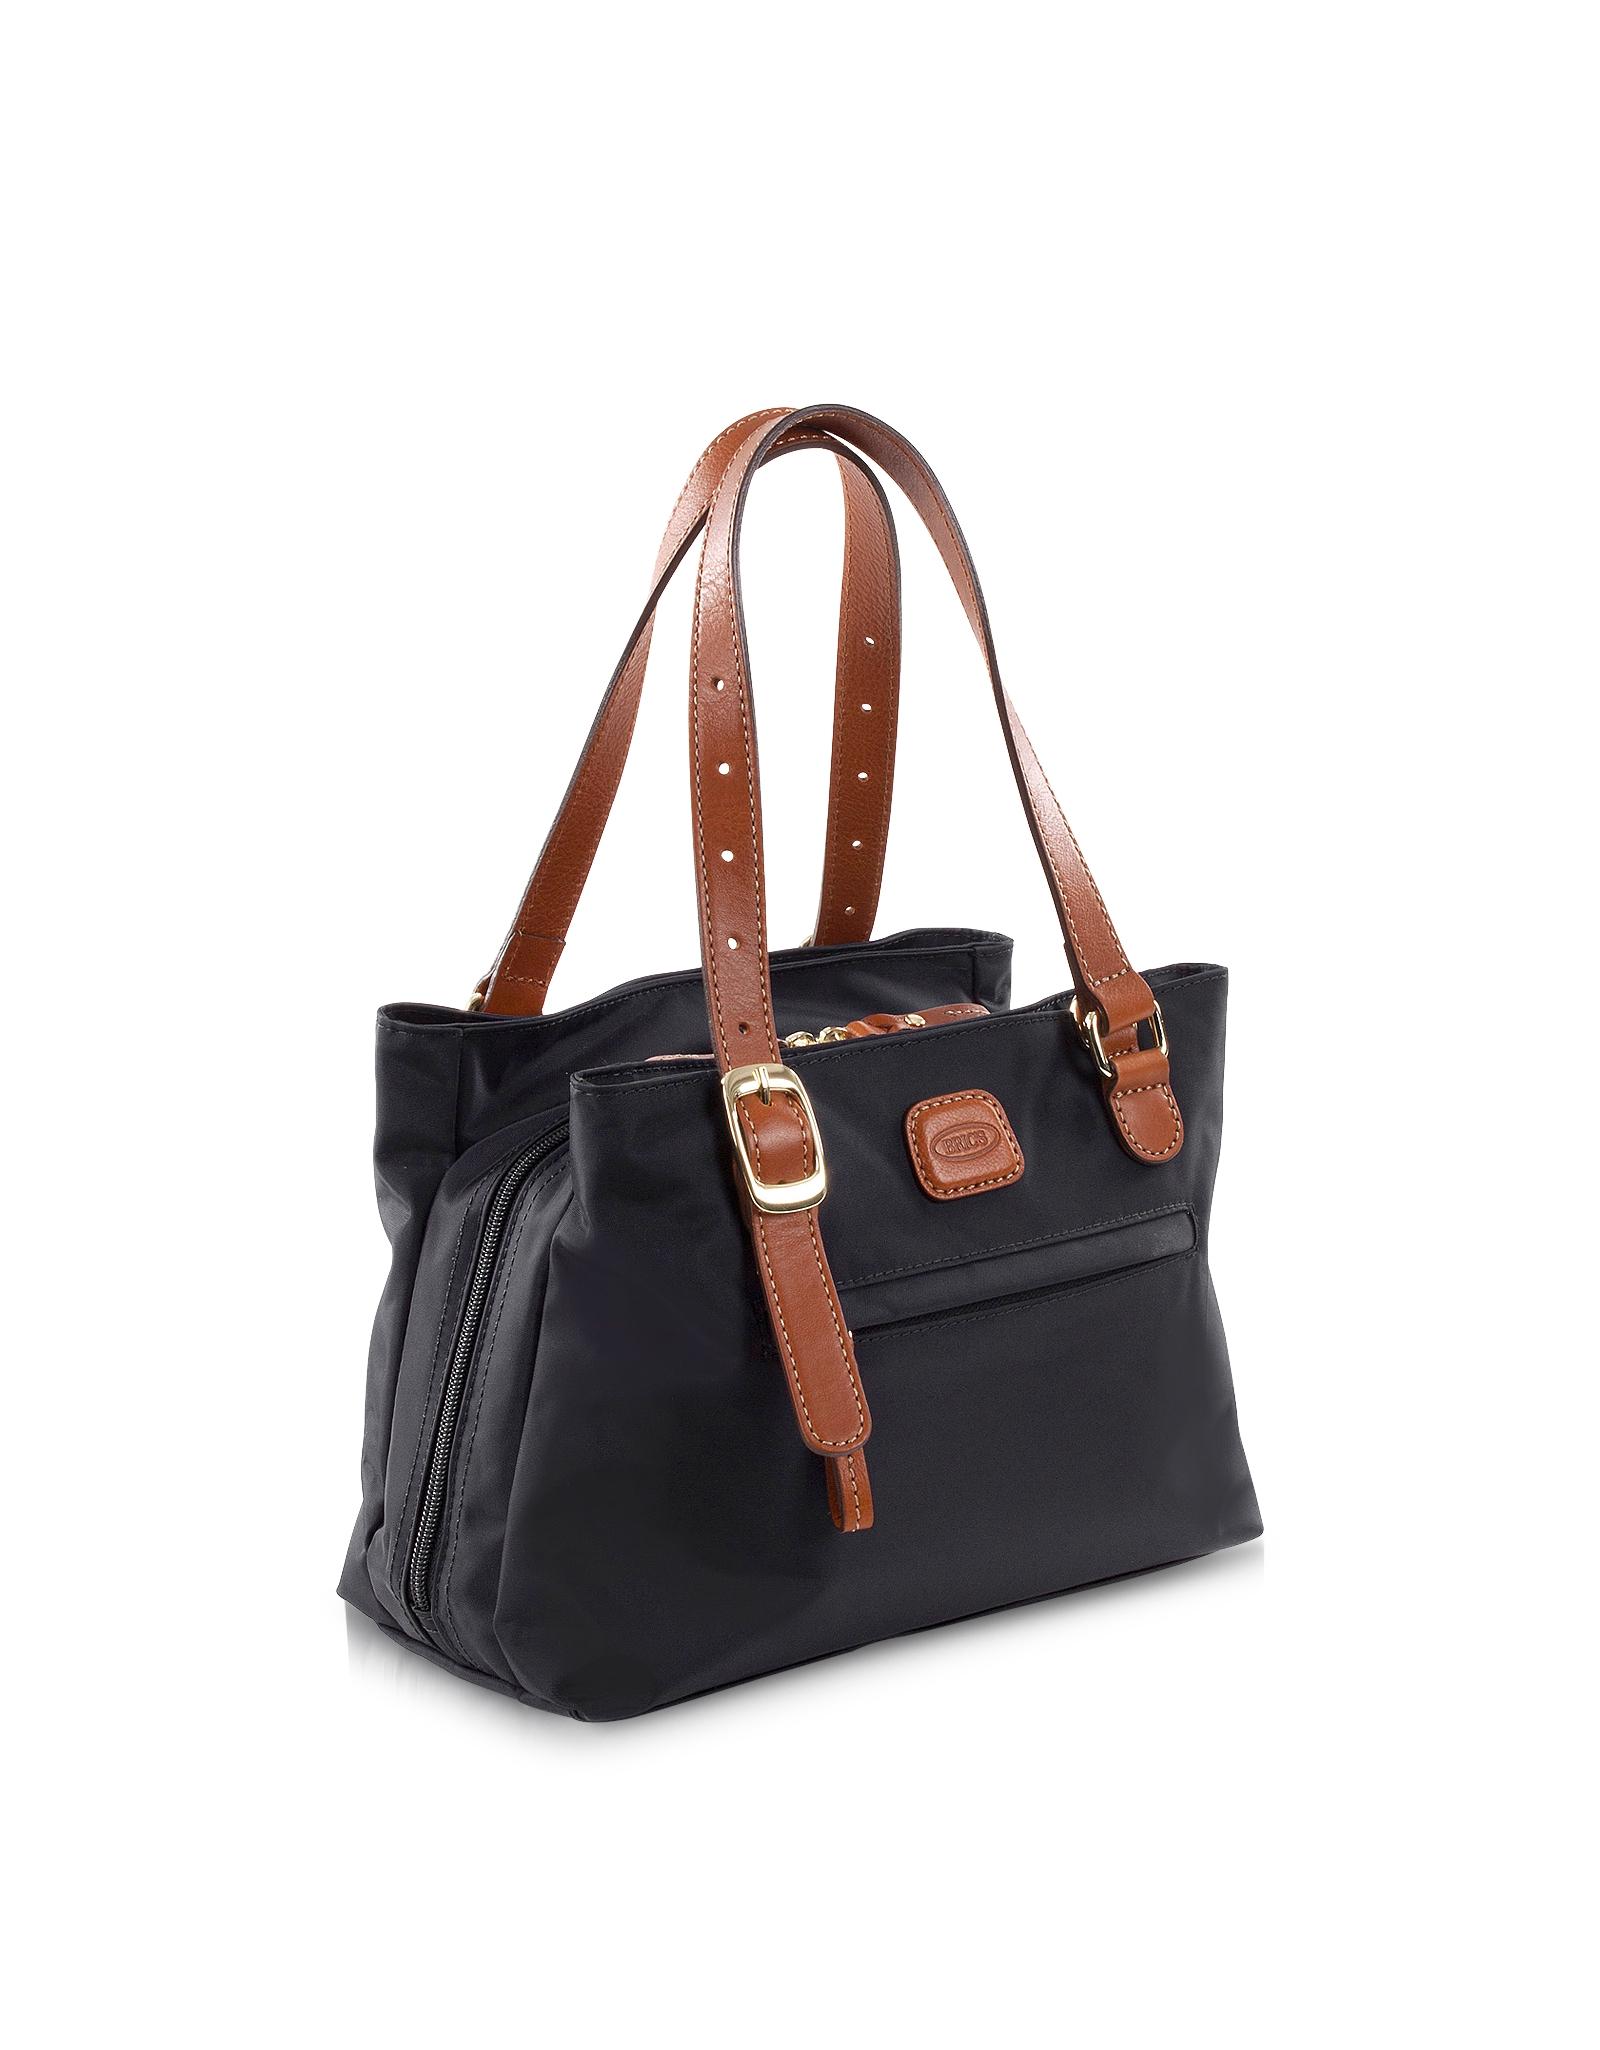 686723f1c6c Brics Handbag